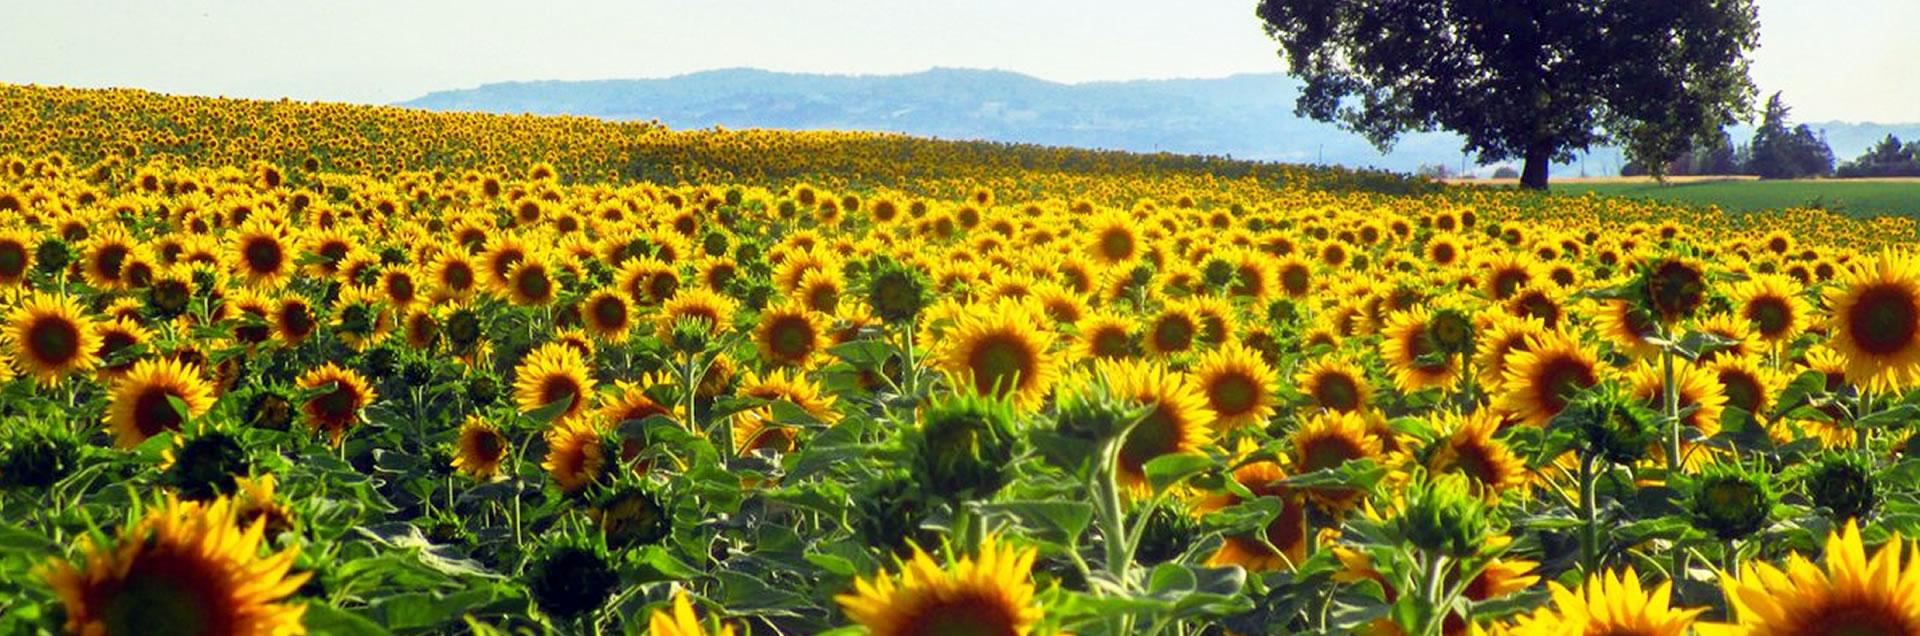 Paesaggio girasoli Valsamoggia